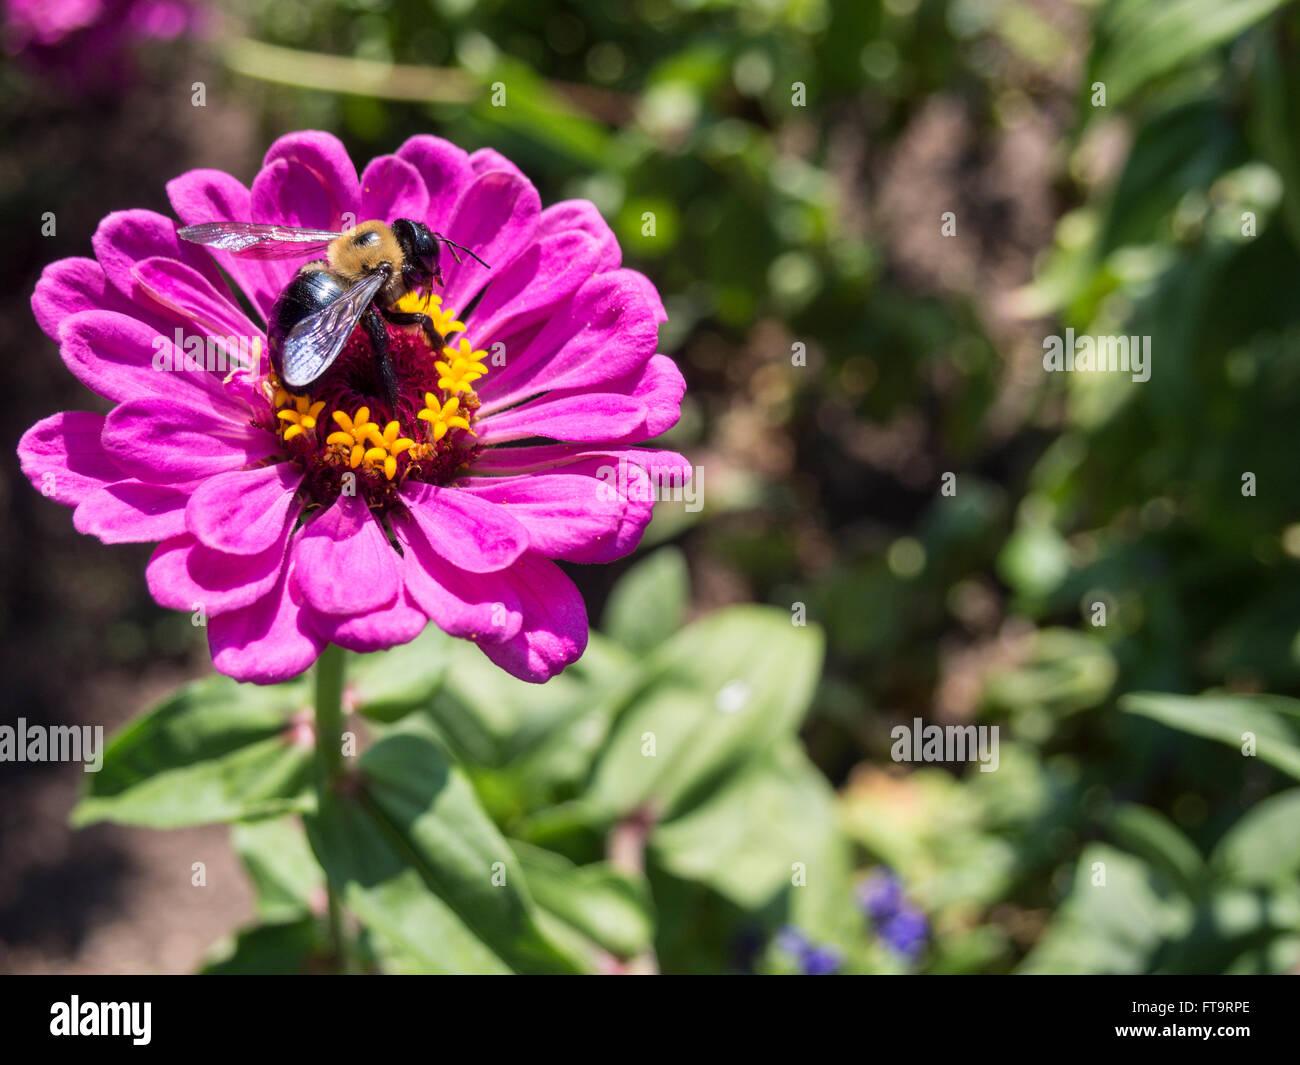 Gran carpintero abeja en una flor Zinnia magenta. Una abeja grande trabaja para recopilar el néctar y polinizar Imagen De Stock